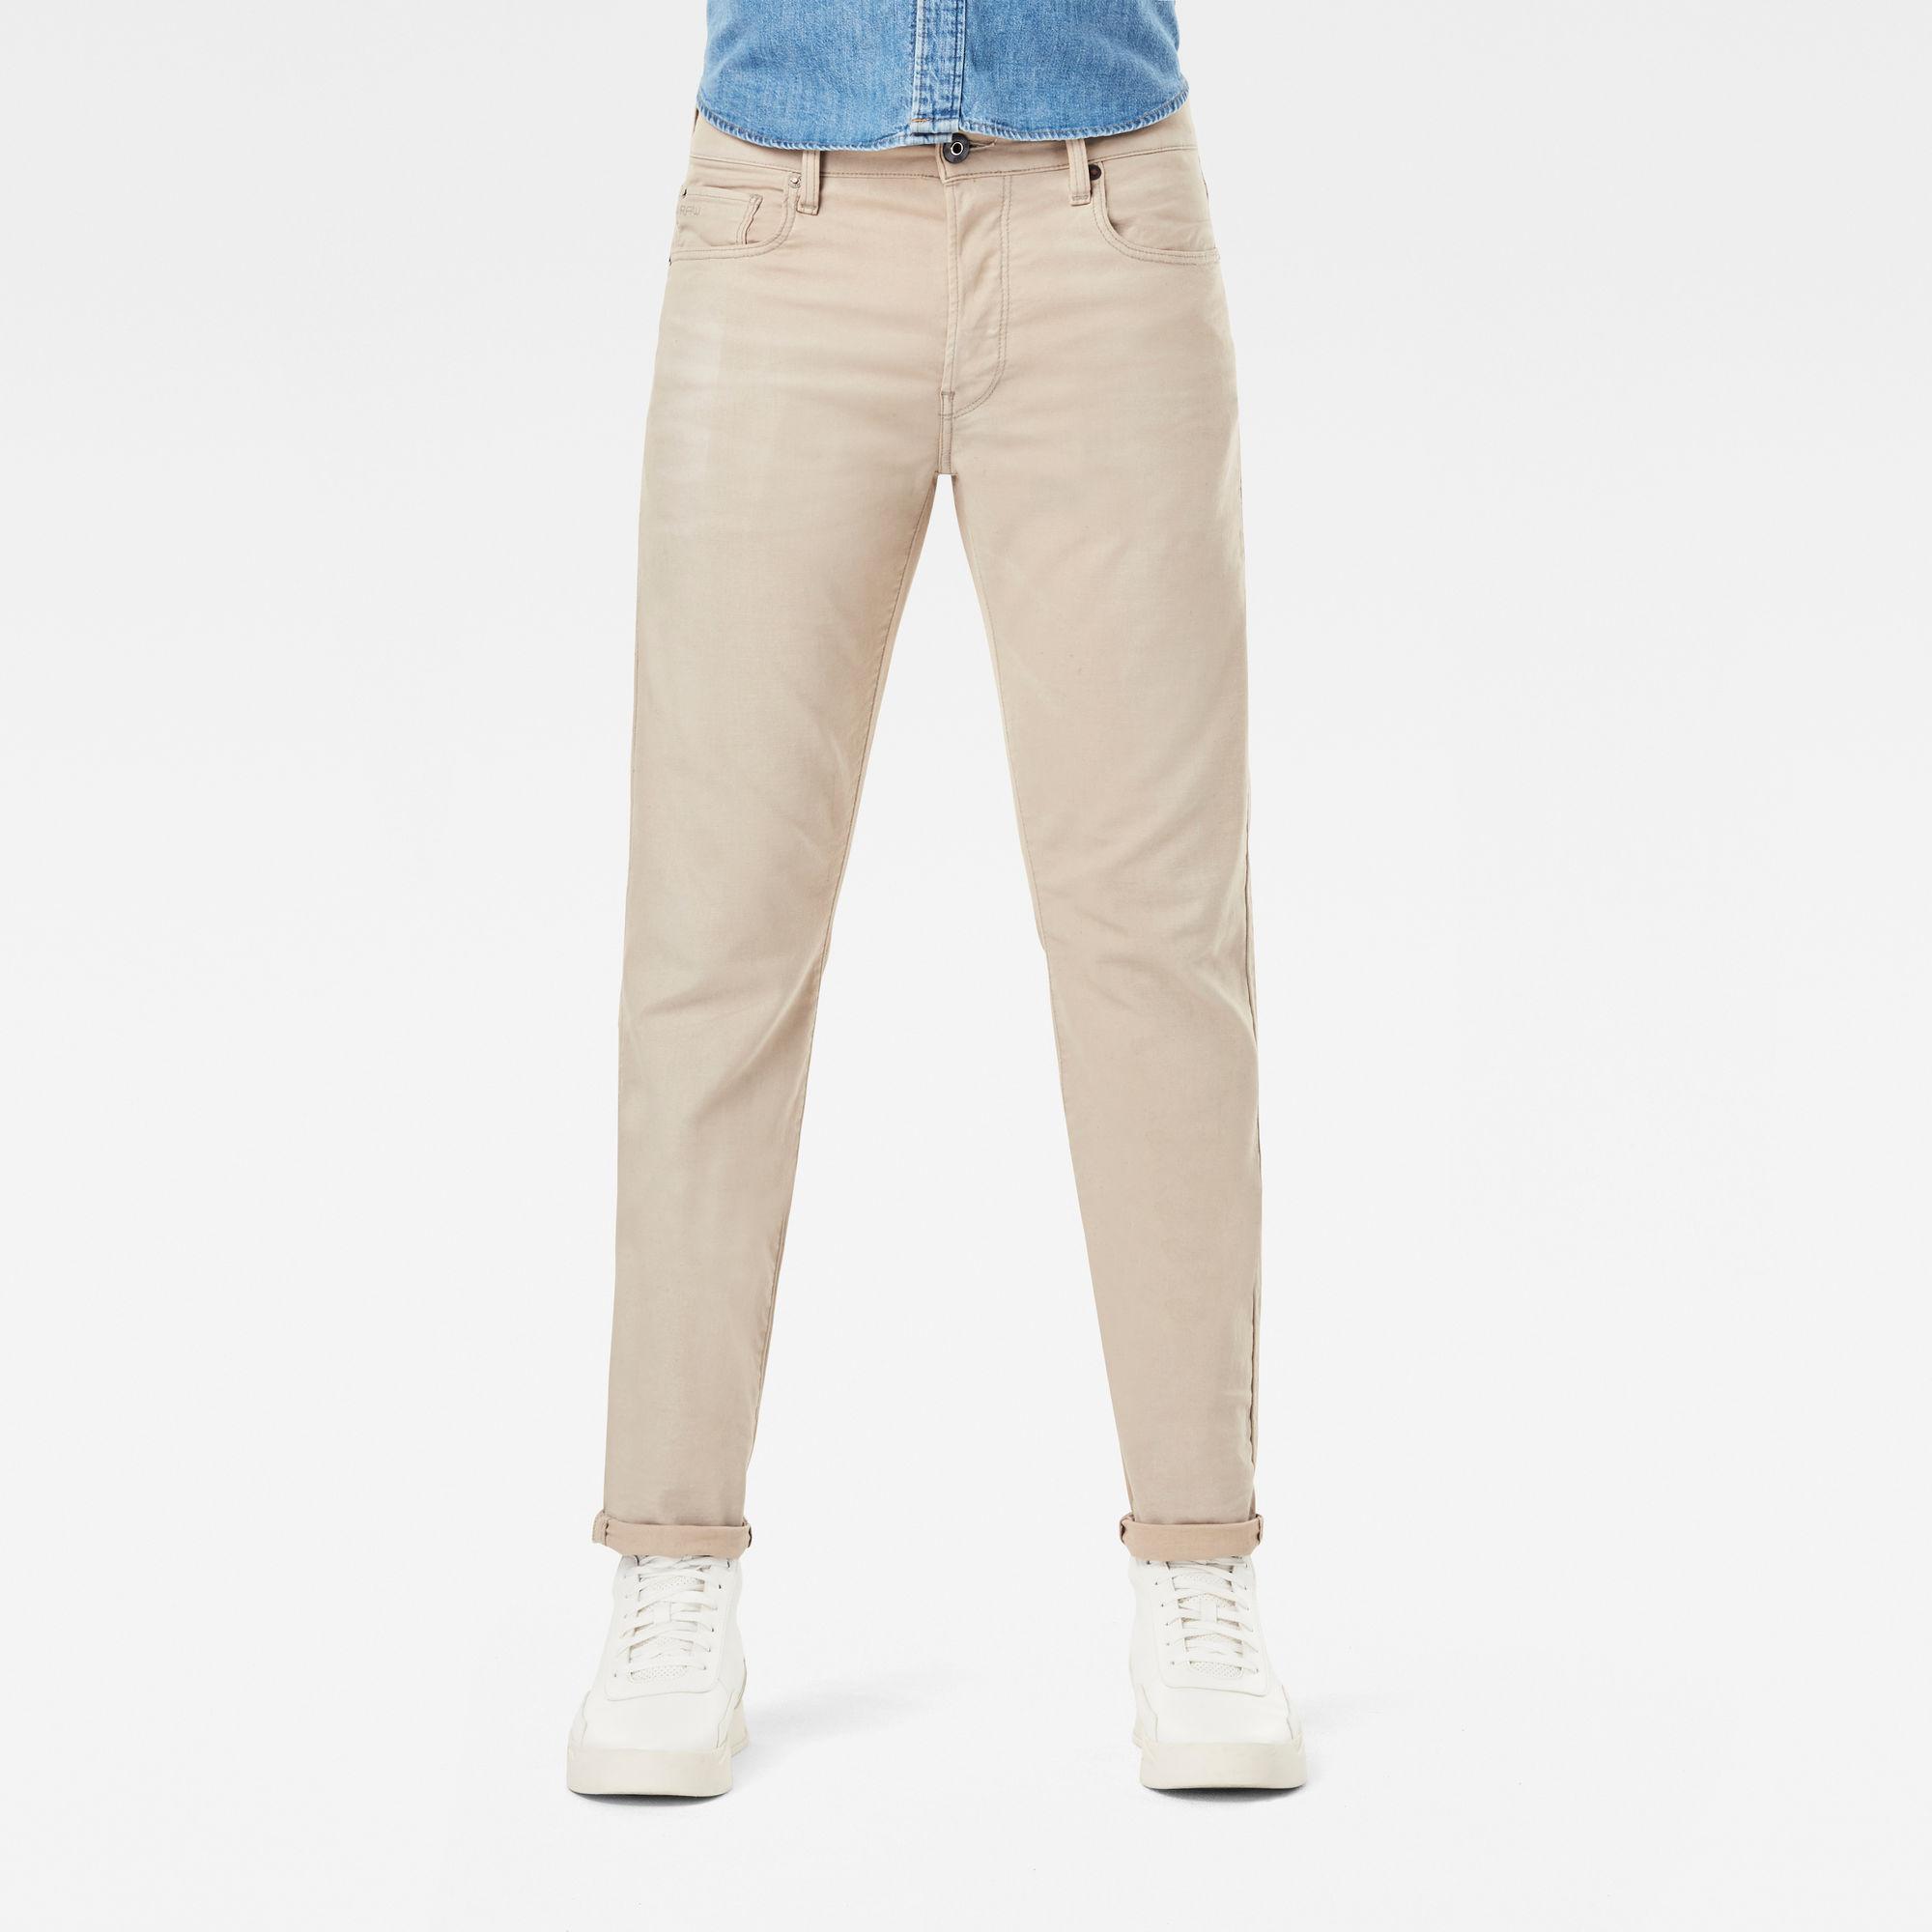 G-Star RAW Heren 3301 Slim Gekleurde Jeans Beige